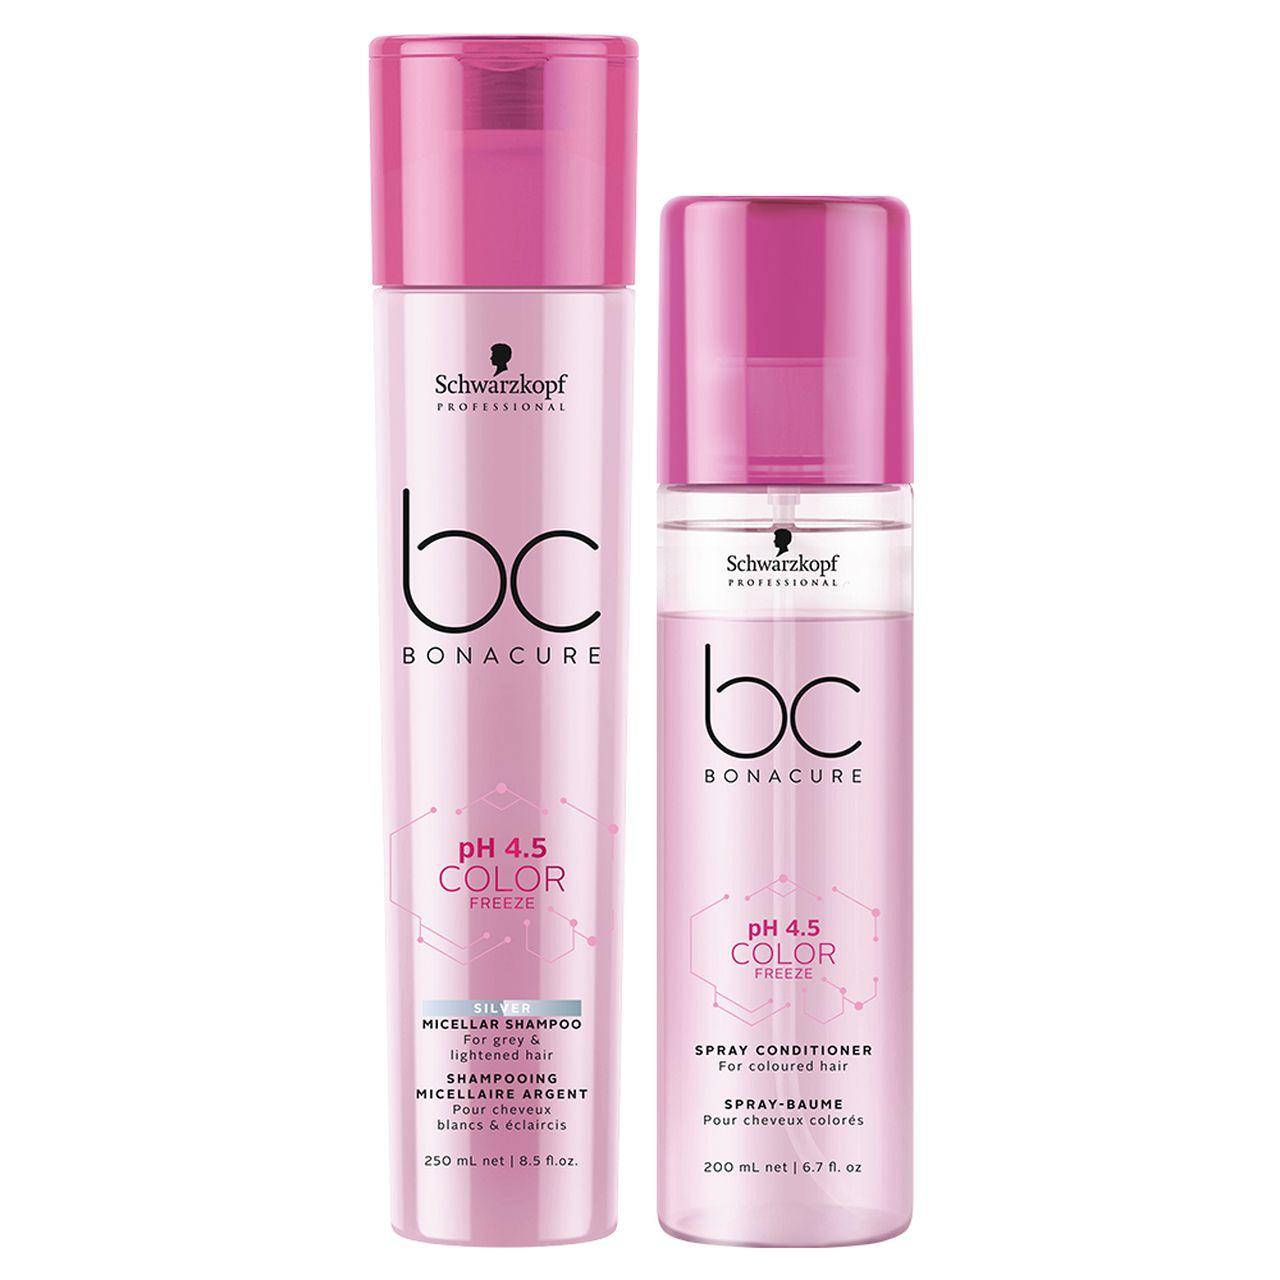 kit Color Freeze - Shampoo Silver 250 ml + Condicionador Spray 200 ml